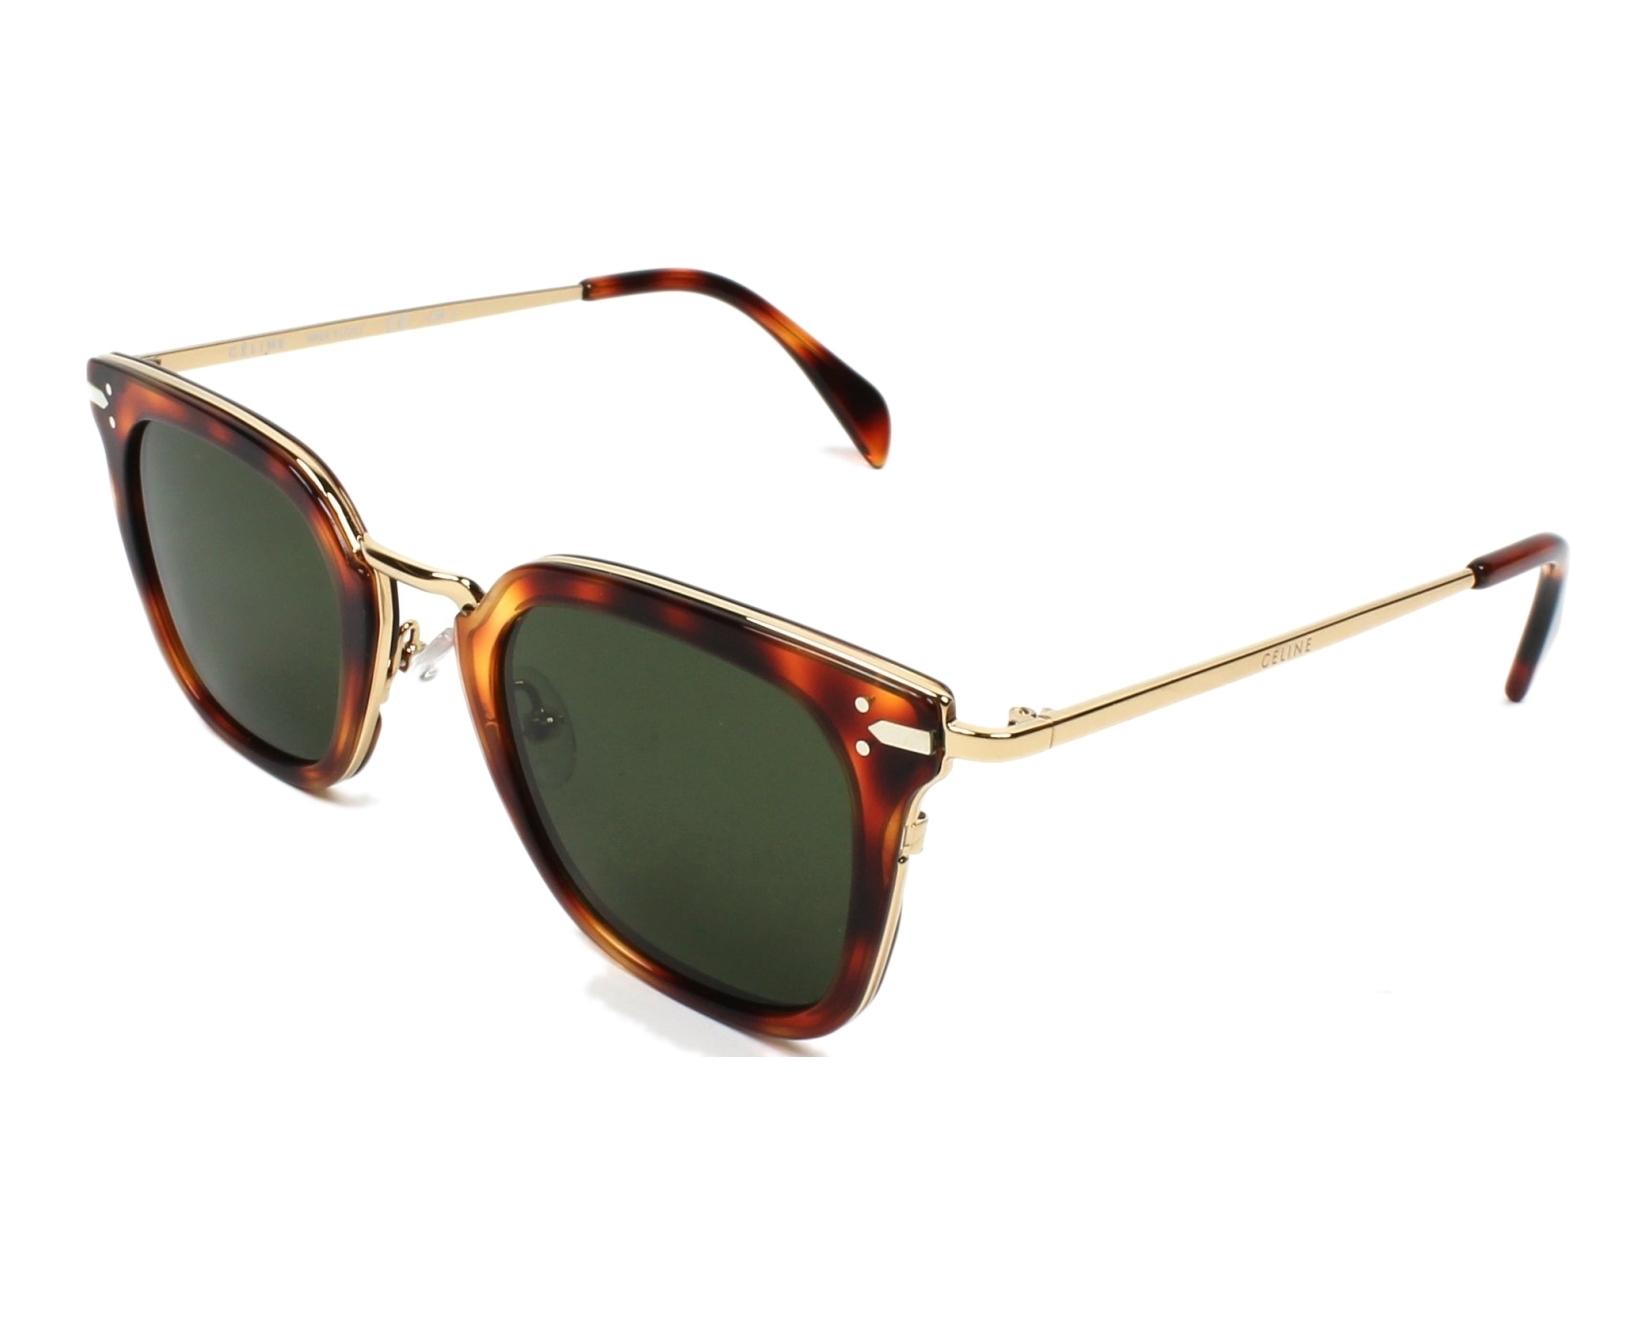 2df674e4574 Sunglasses Céline CL-41402 3UA 1E 47-25 Havana Gold profile view